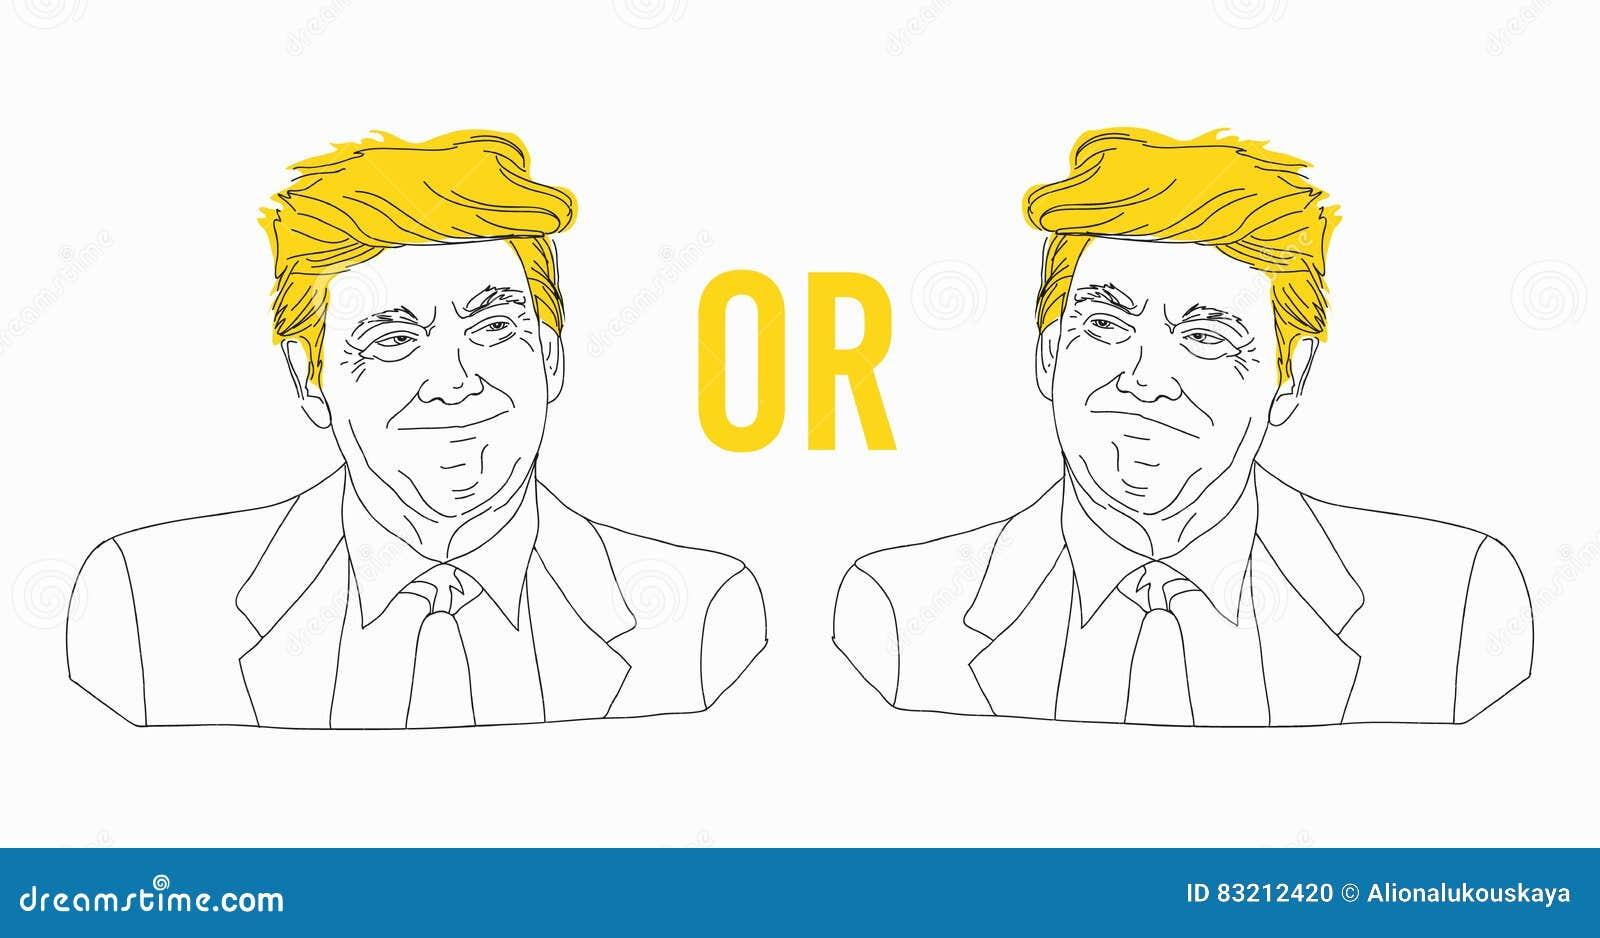 A Lapis Desenho Do Retrato De Donald Trump Esboco Linha Da Lata